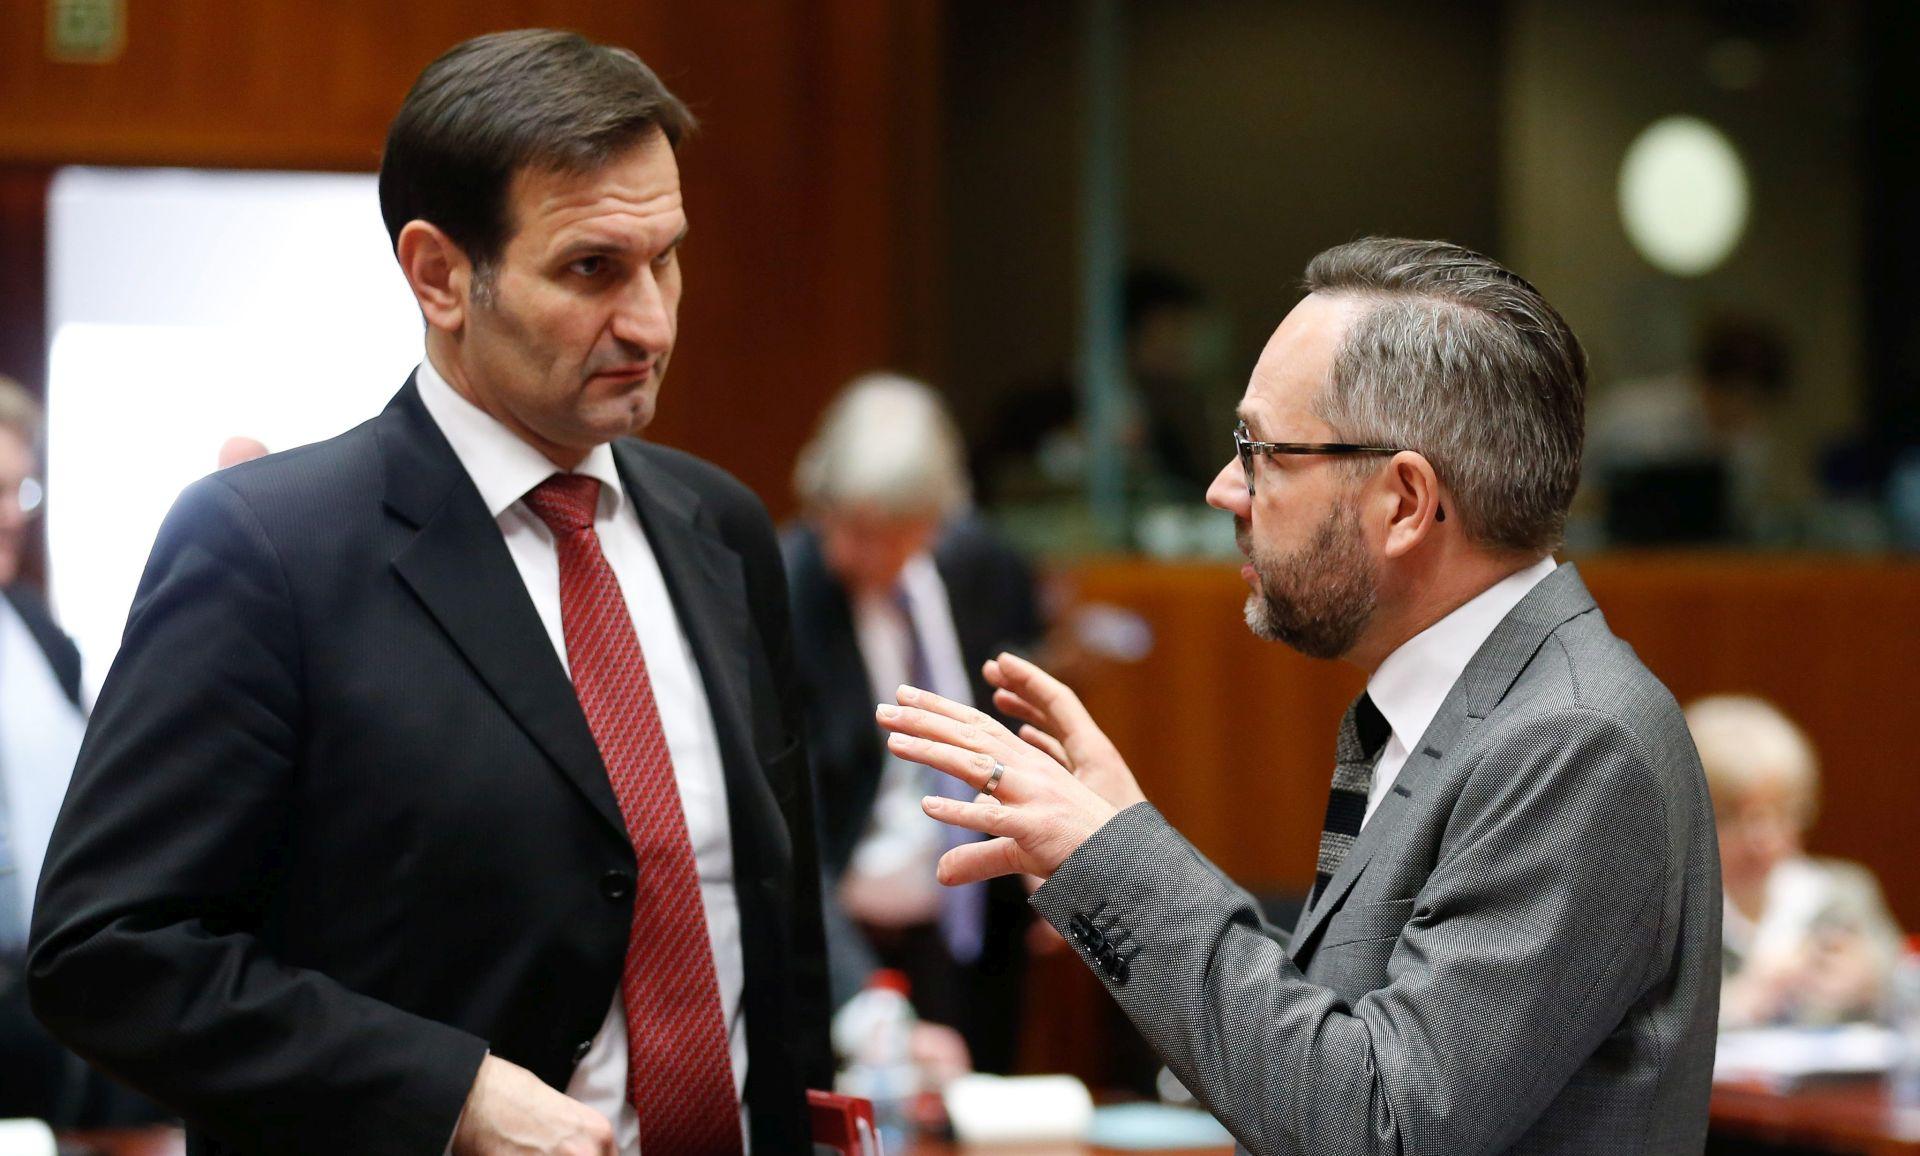 Kovač: Europska unija treba pronaći zajedničko rješenje za migrantsku krizu